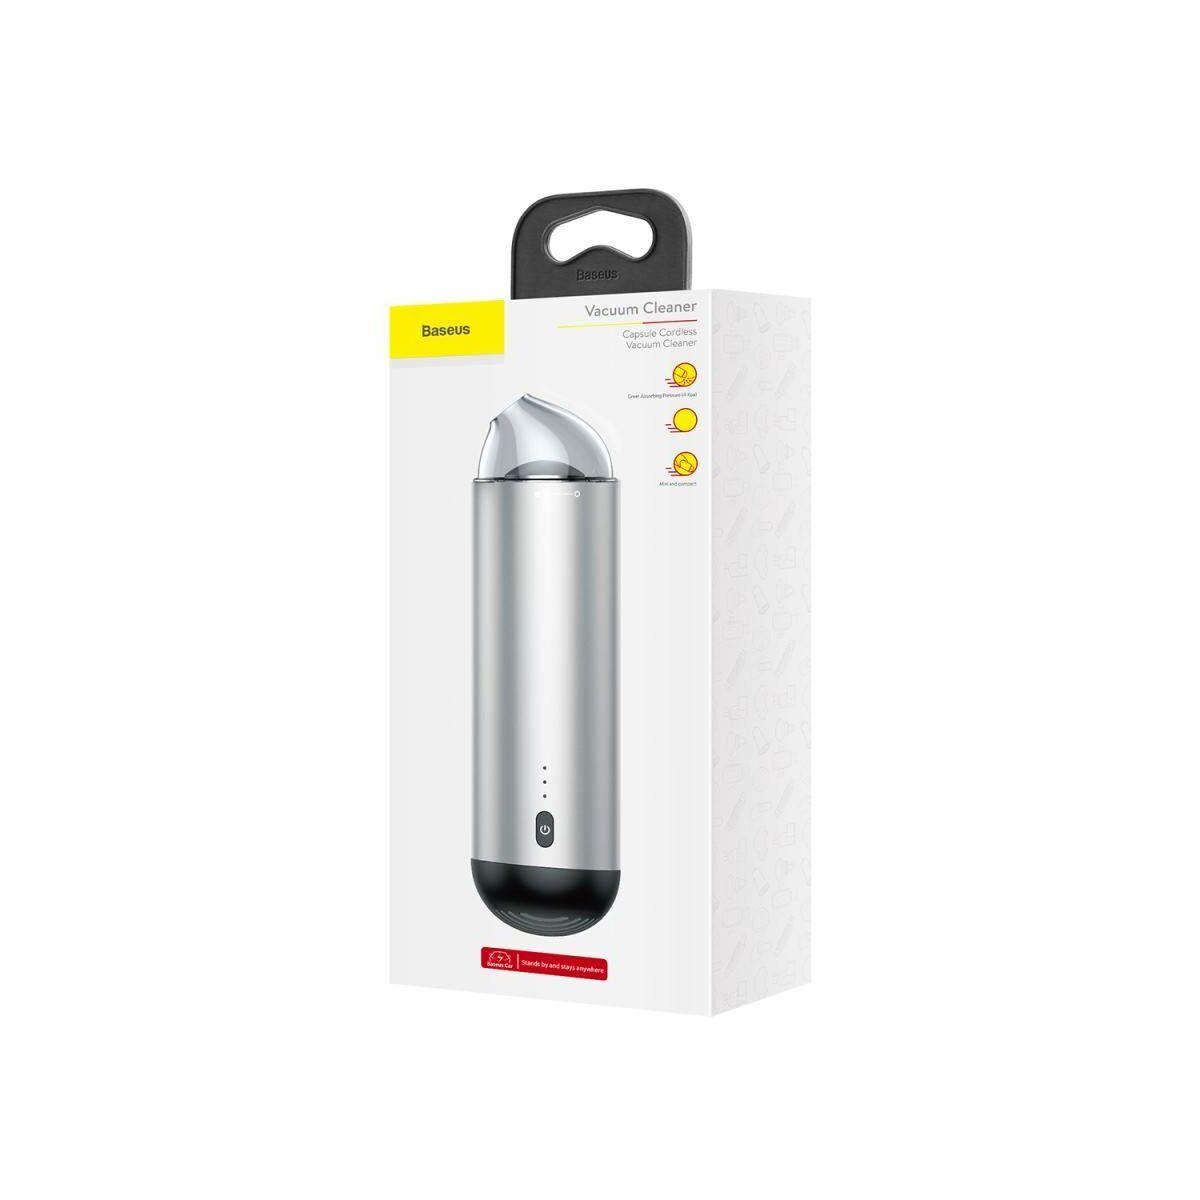 Baseus porszívó vezeték nélküli Capsule Cordless, ezüst (CRXCQ01-0S)